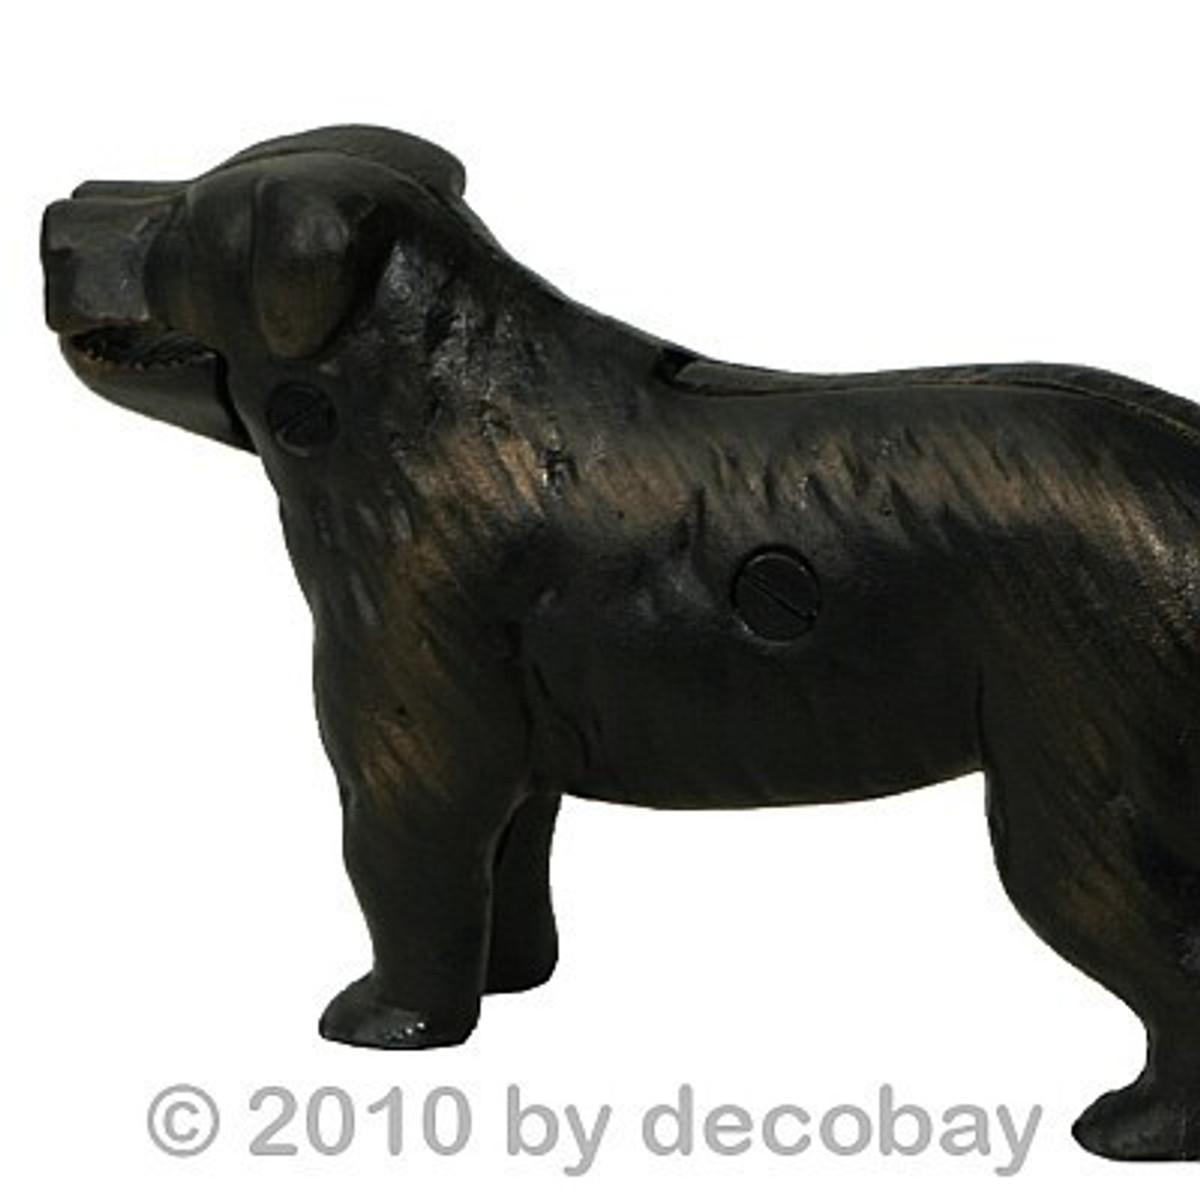 Nussknacker Figur Hunde Form Dekoration Nüsse knacken nicht nur zu Weihnachten eine tolle Dekoration.